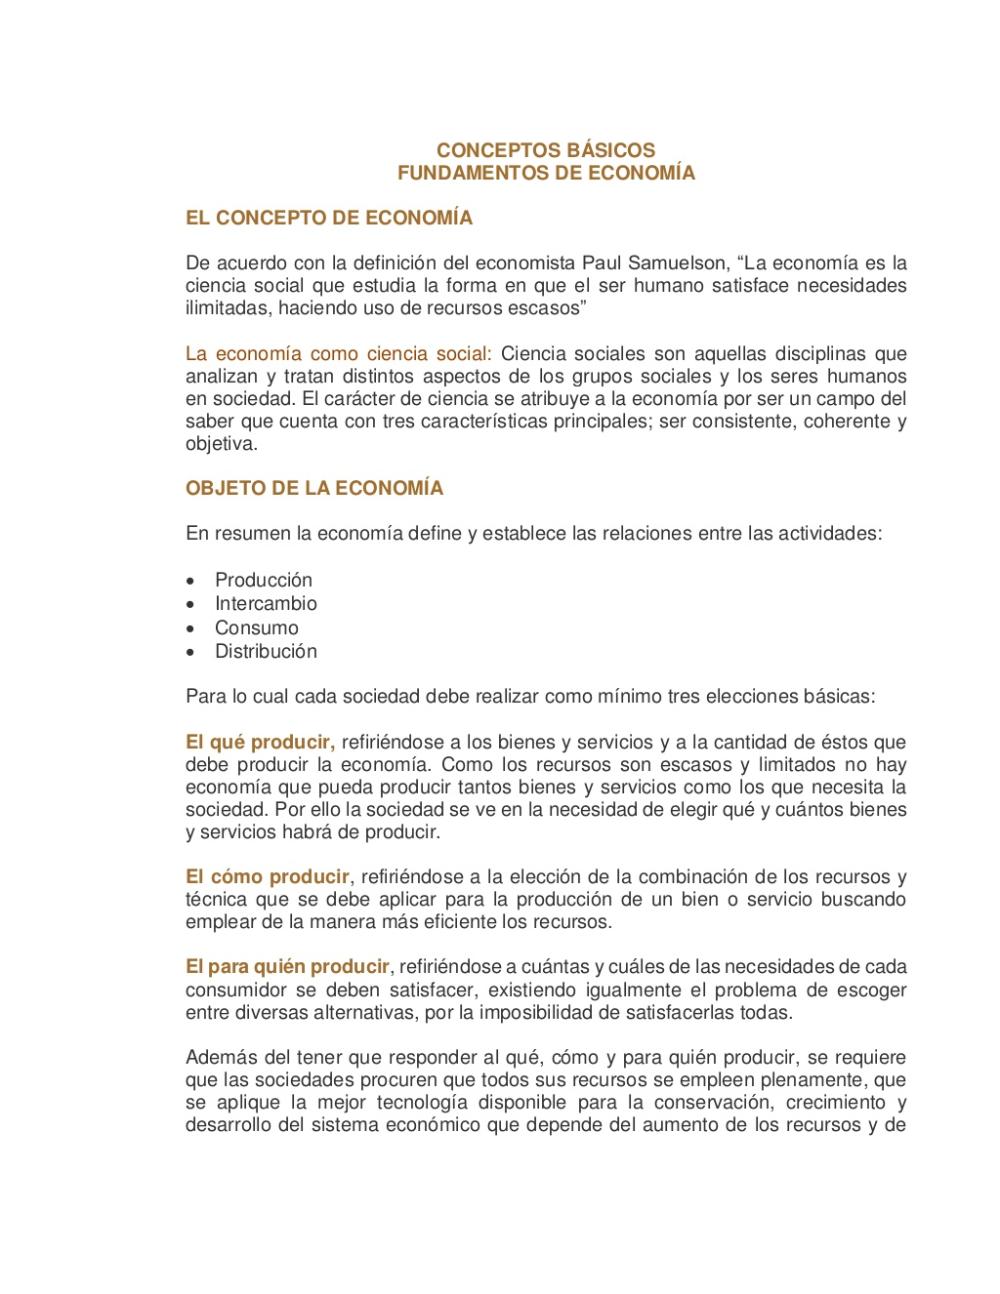 Conceptos Básicos De Economía Economia Ciencias Sociales Concepto